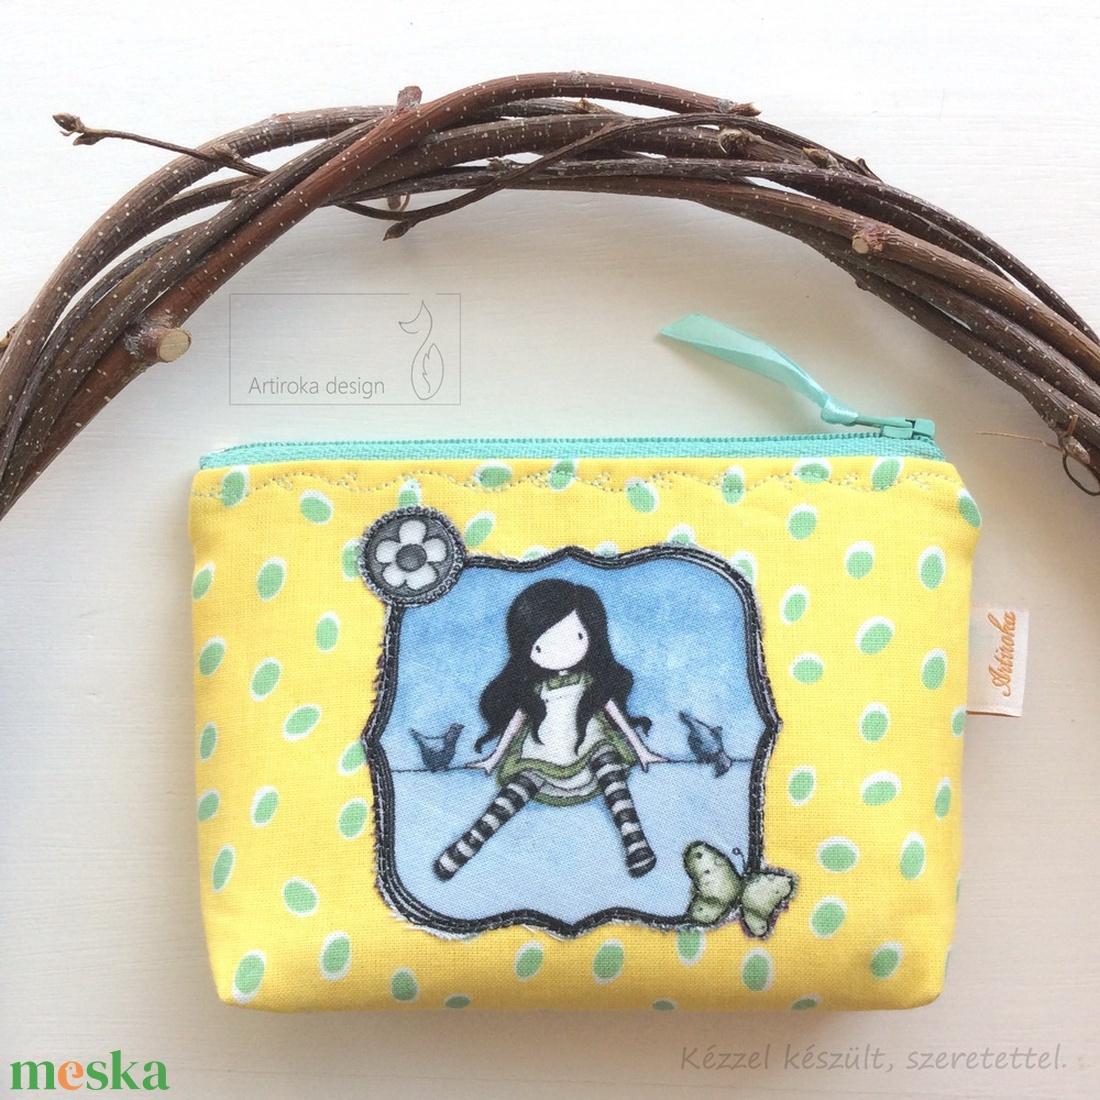 Tündér lányka kis madarakkal és pillangóval - sárga mintás irattartó pénztárca  - Artiroka design - táska & tok - pénztárca & más tok - kártyatartó & irattartó - Meska.hu